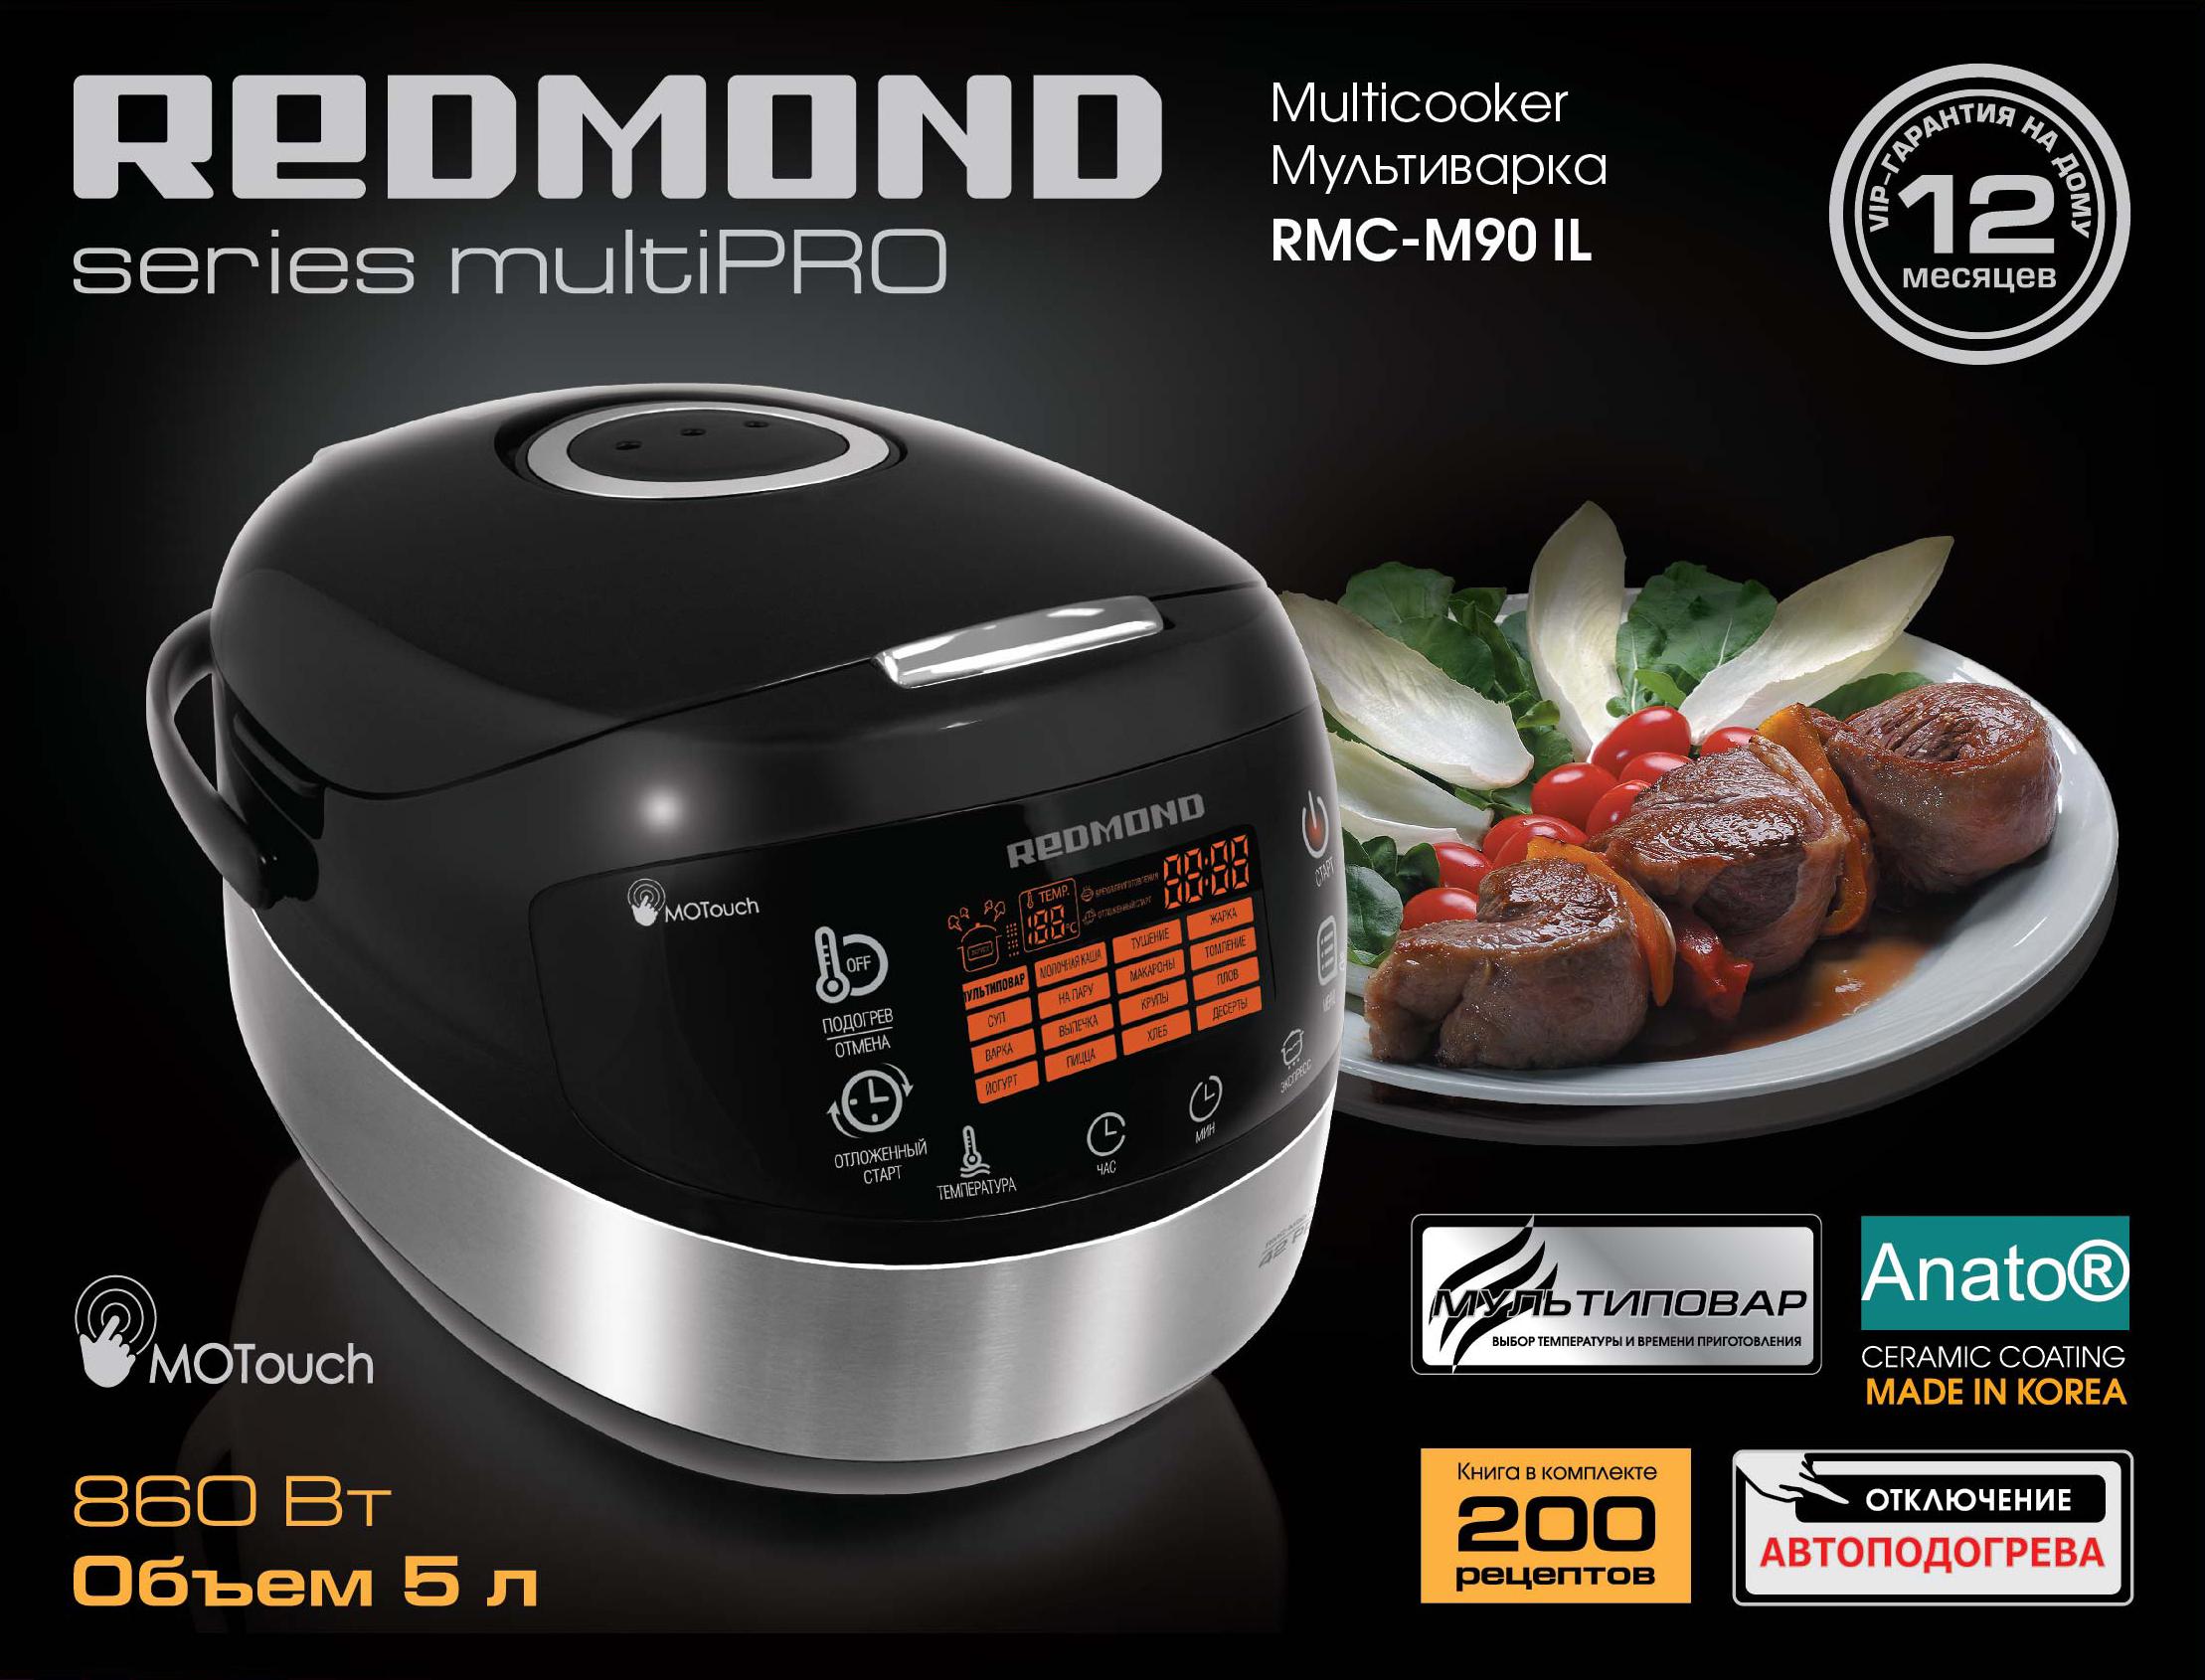 Реальное понижение цен на мультиварки: флагманская модель REDMOND M90 IL – всего за 999 шек.!